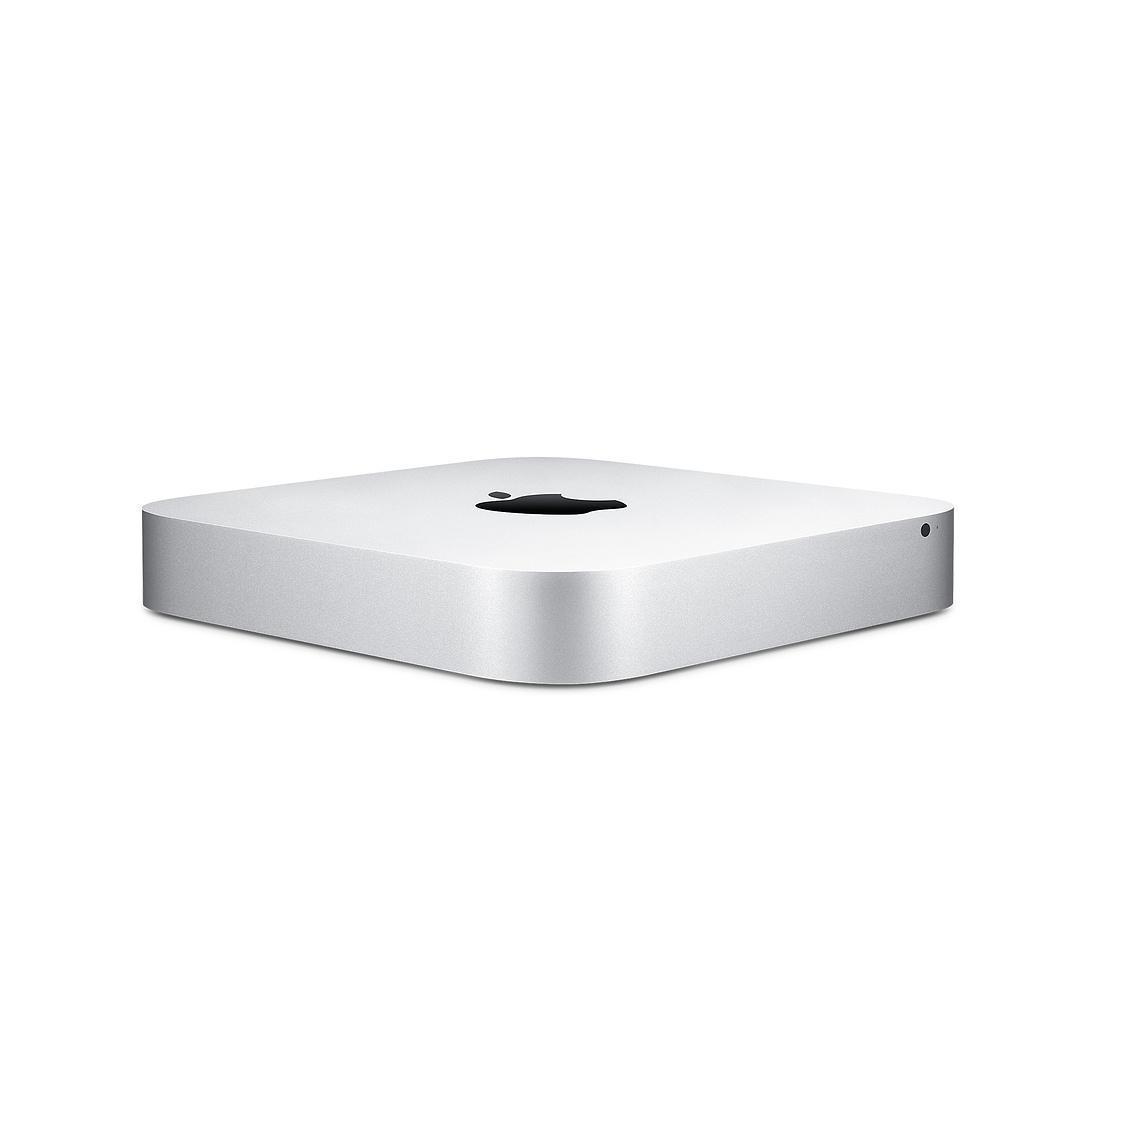 Mac mini (October 2012) Core i7 2.3 GHz - HDD 1 TB - 8GB